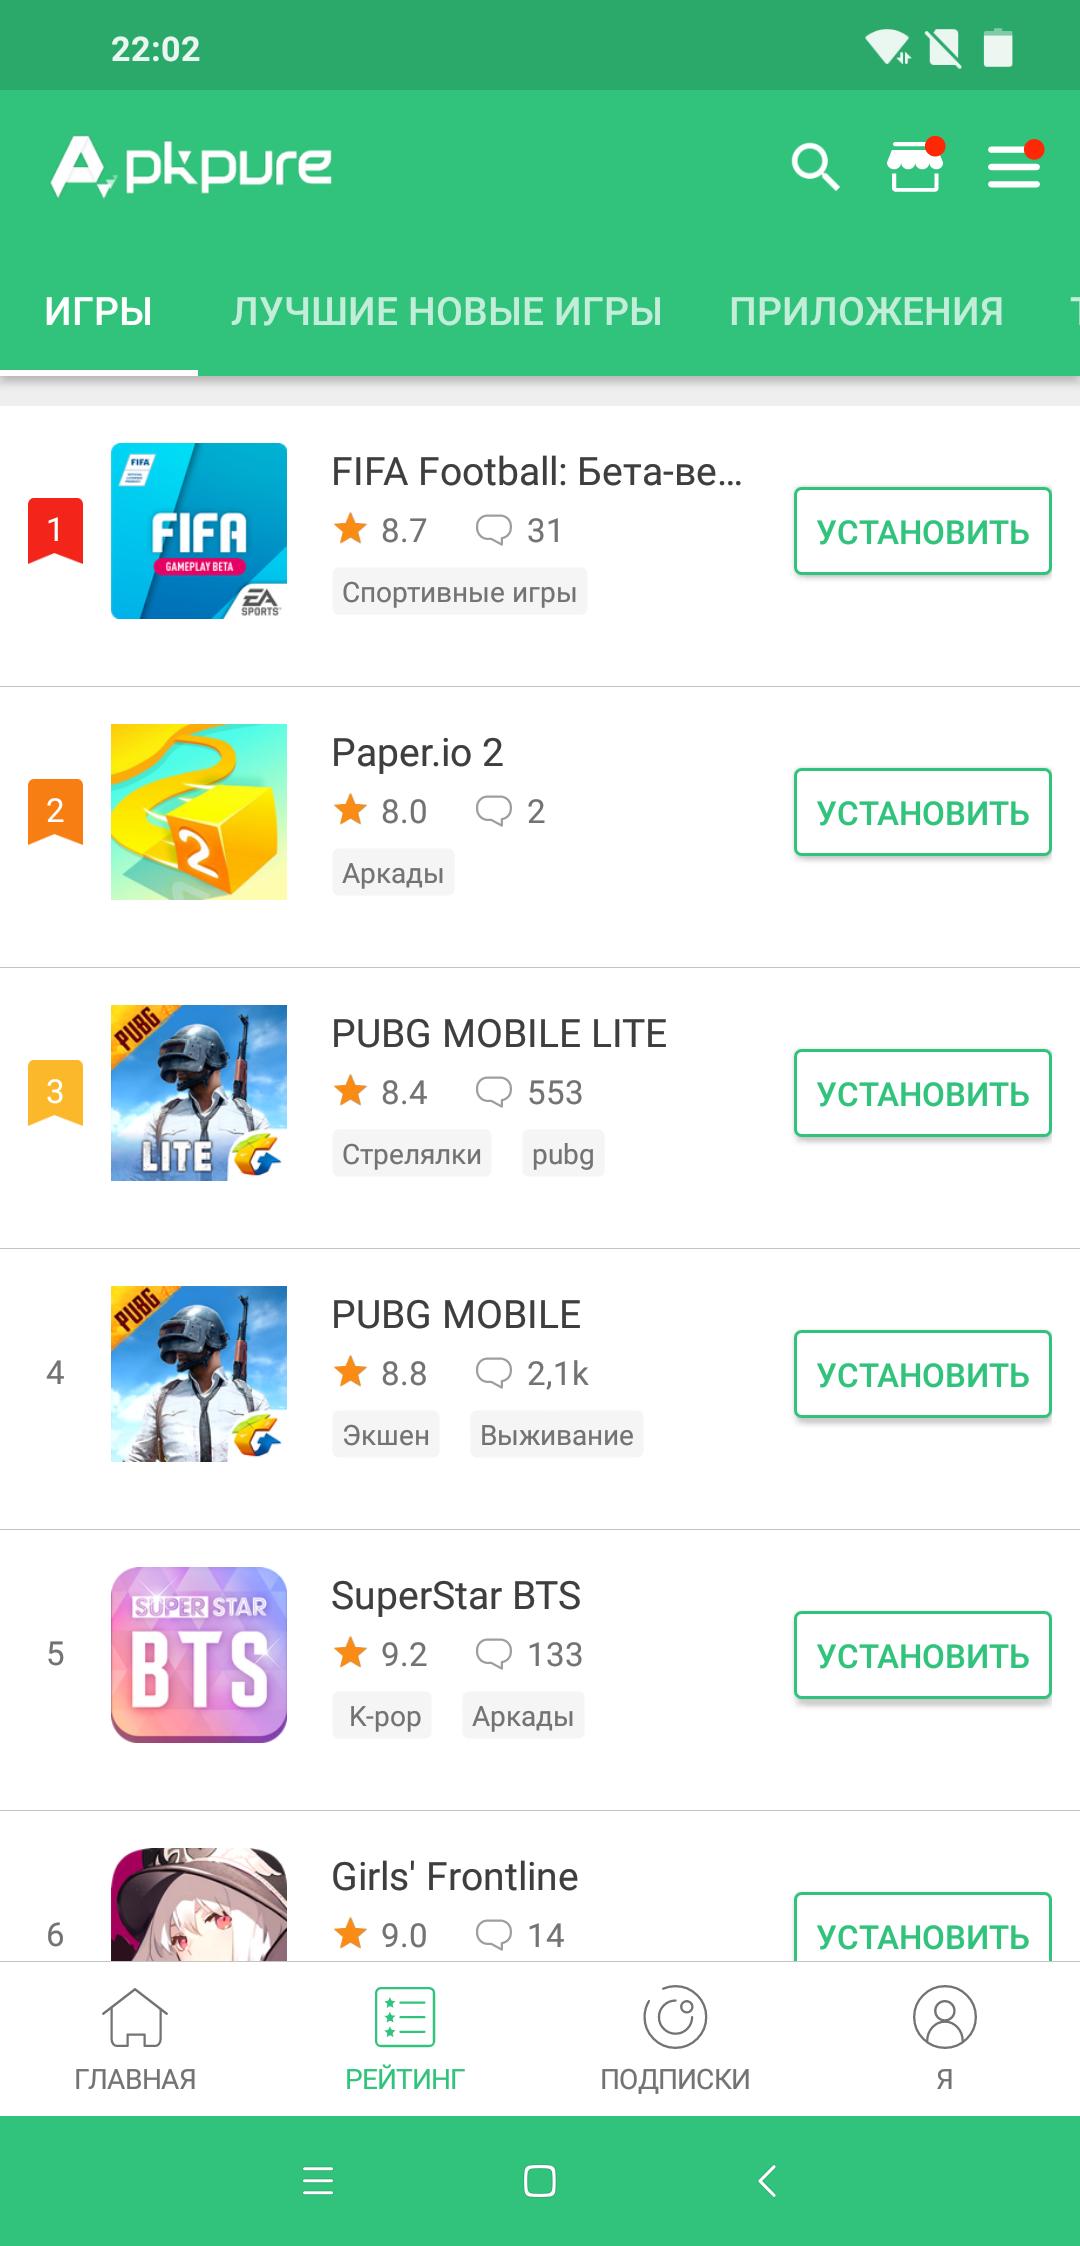 shareit app free download apkpure